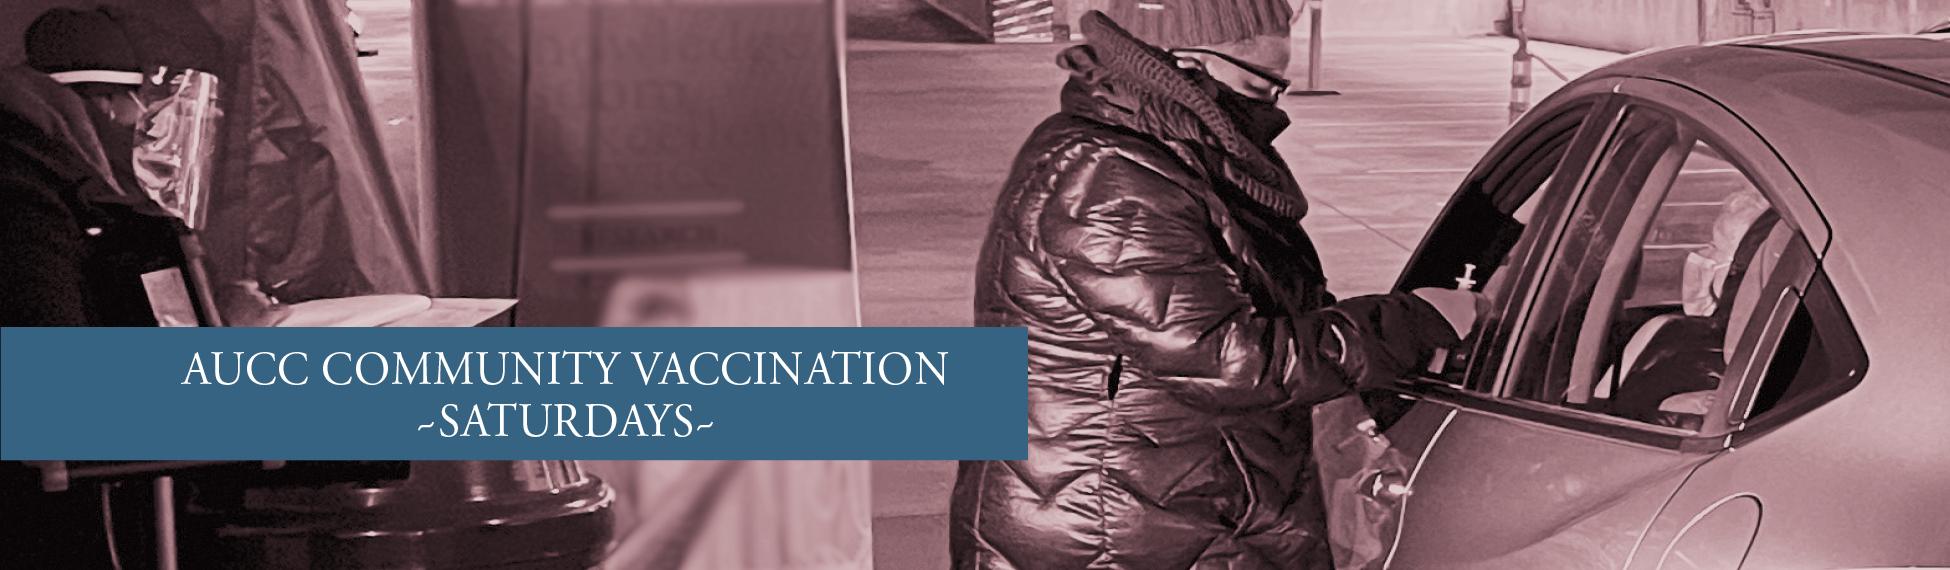 AUCC Vaccination Event